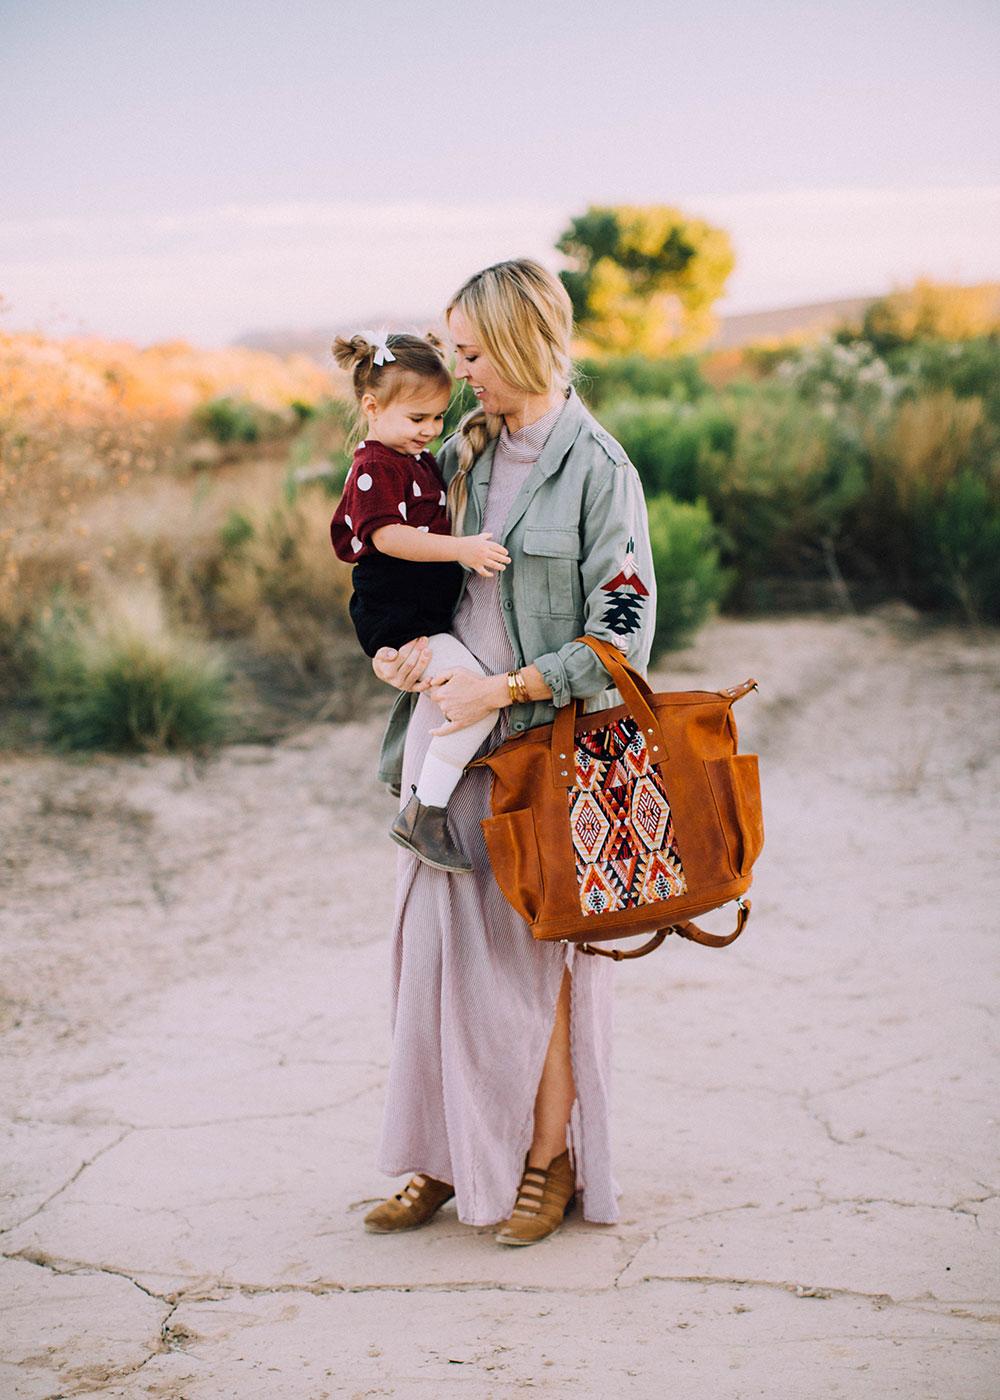 mama + mini style goals   thelovedesignedlife.com